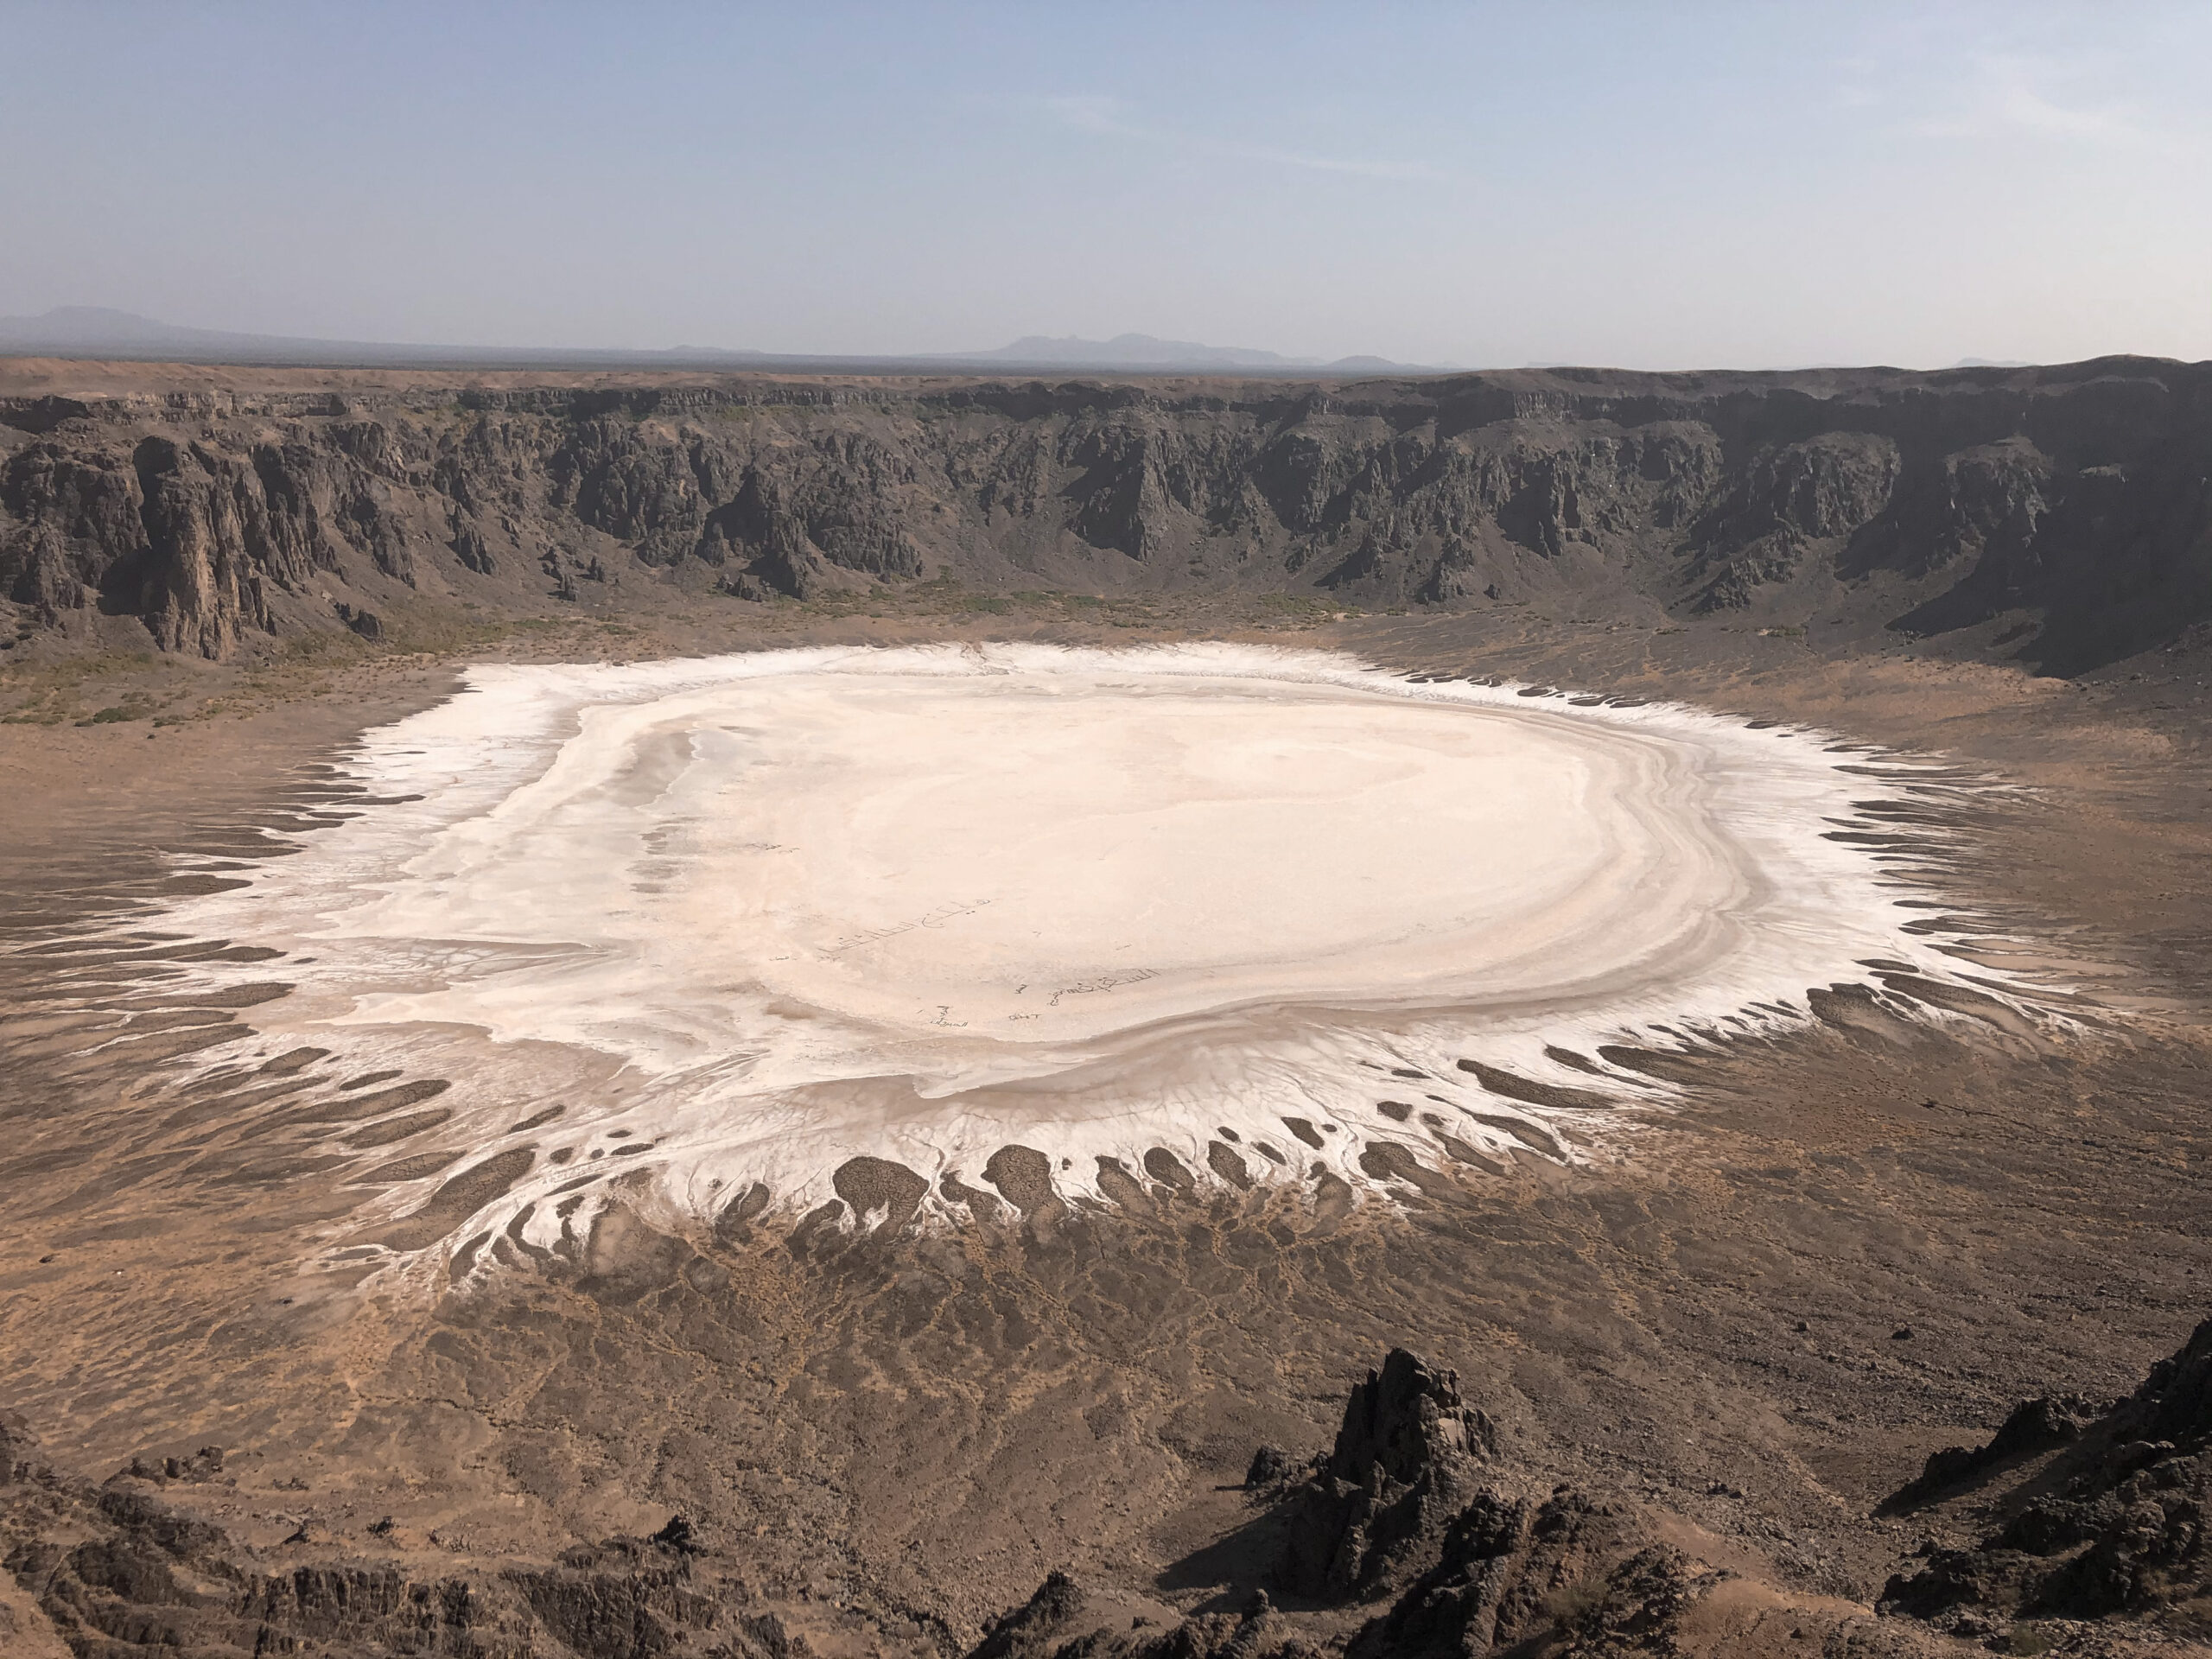 saudovskaya-aravia-krater